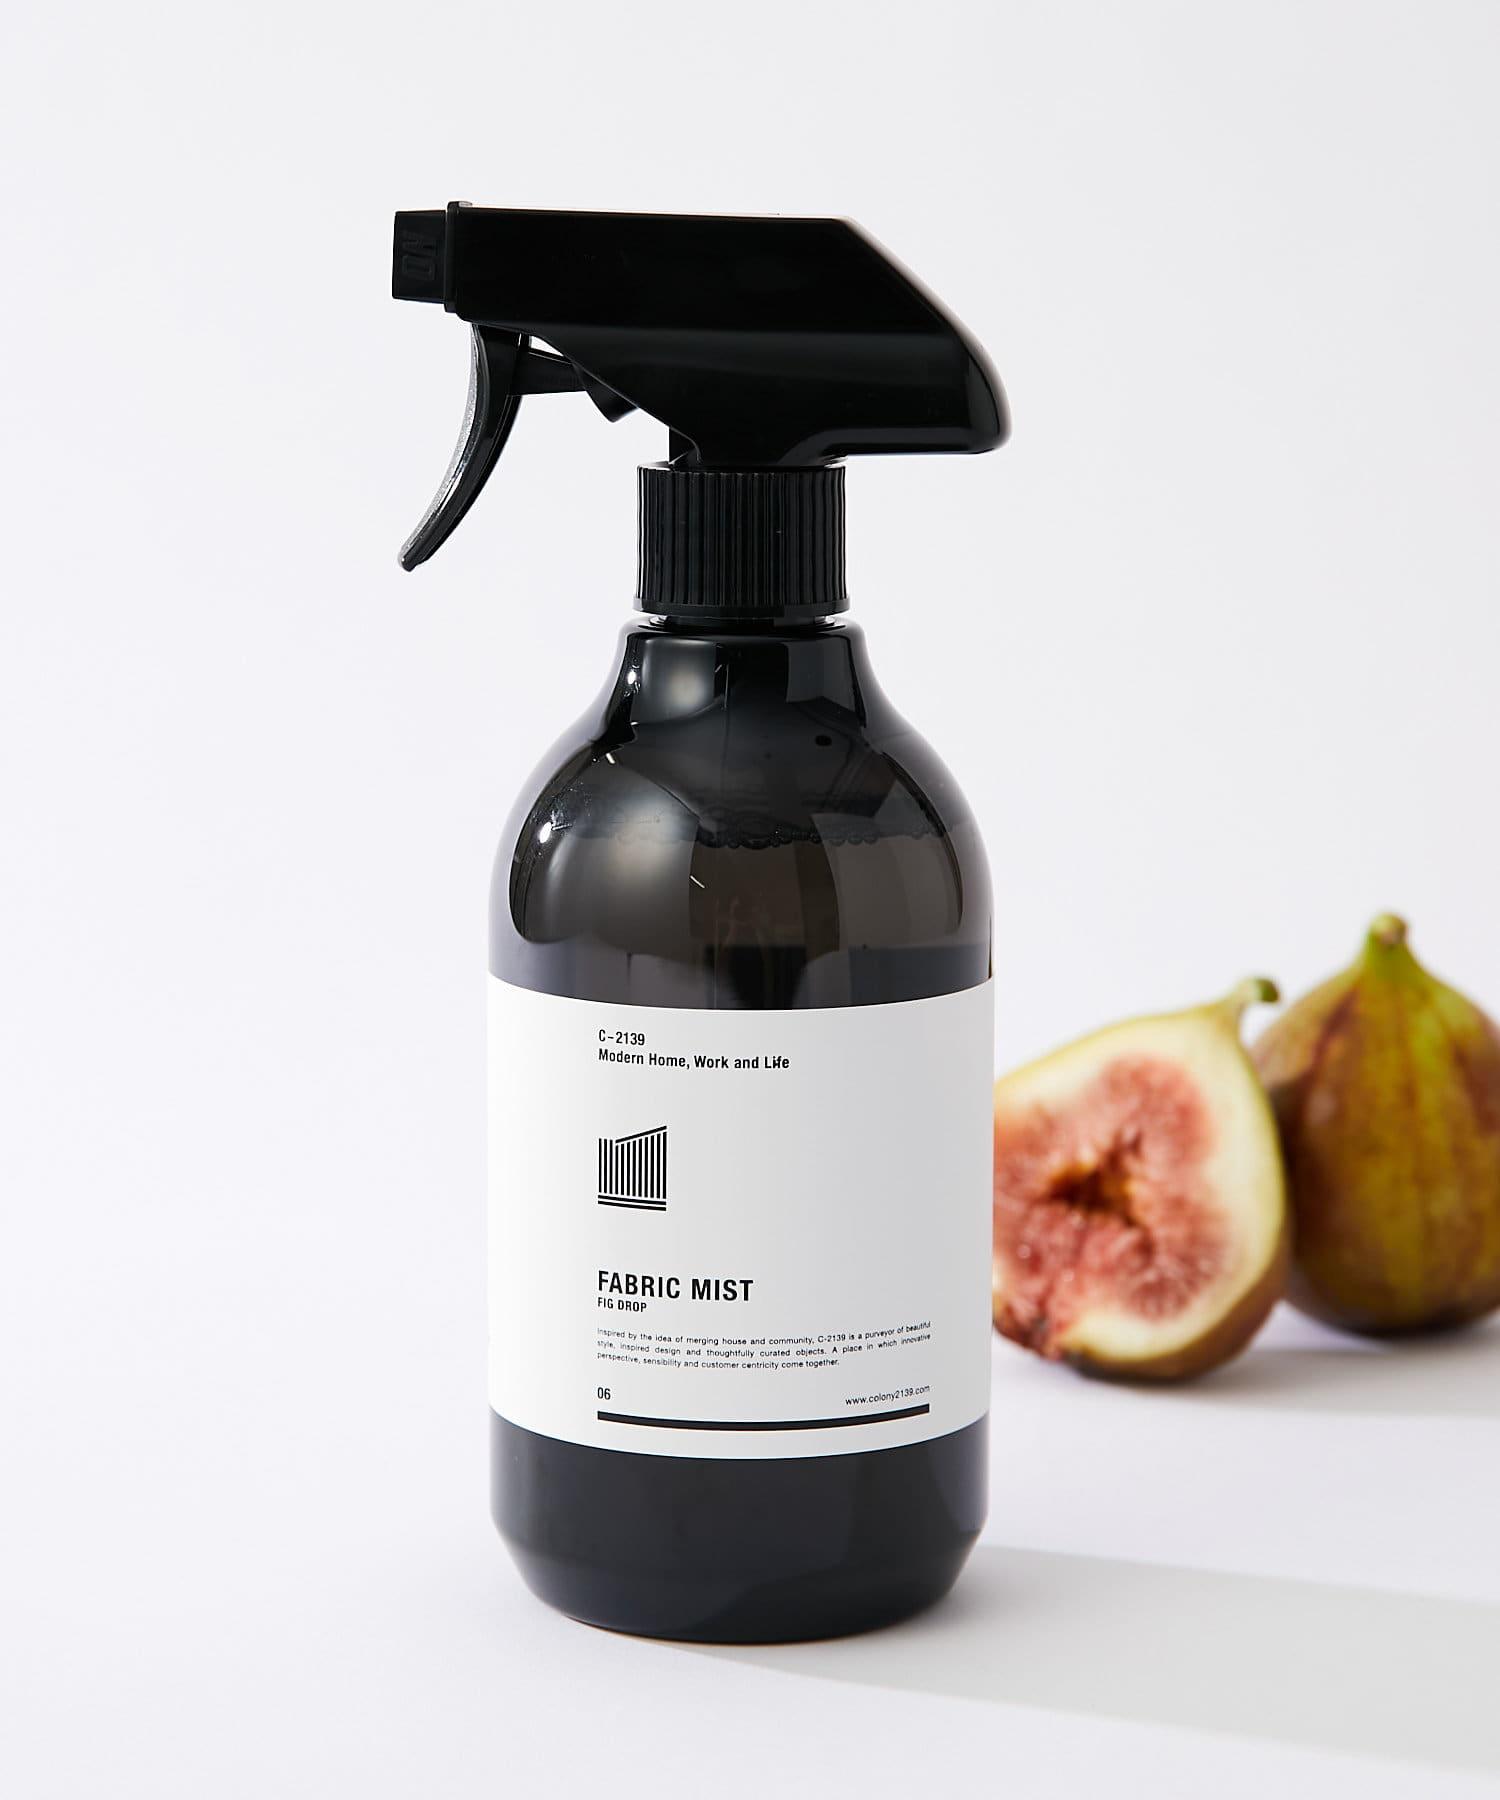 COLONY 2139(コロニー トゥーワンスリーナイン) ライフスタイル ファブリックミスト(フィグドロップの香り) ブラック